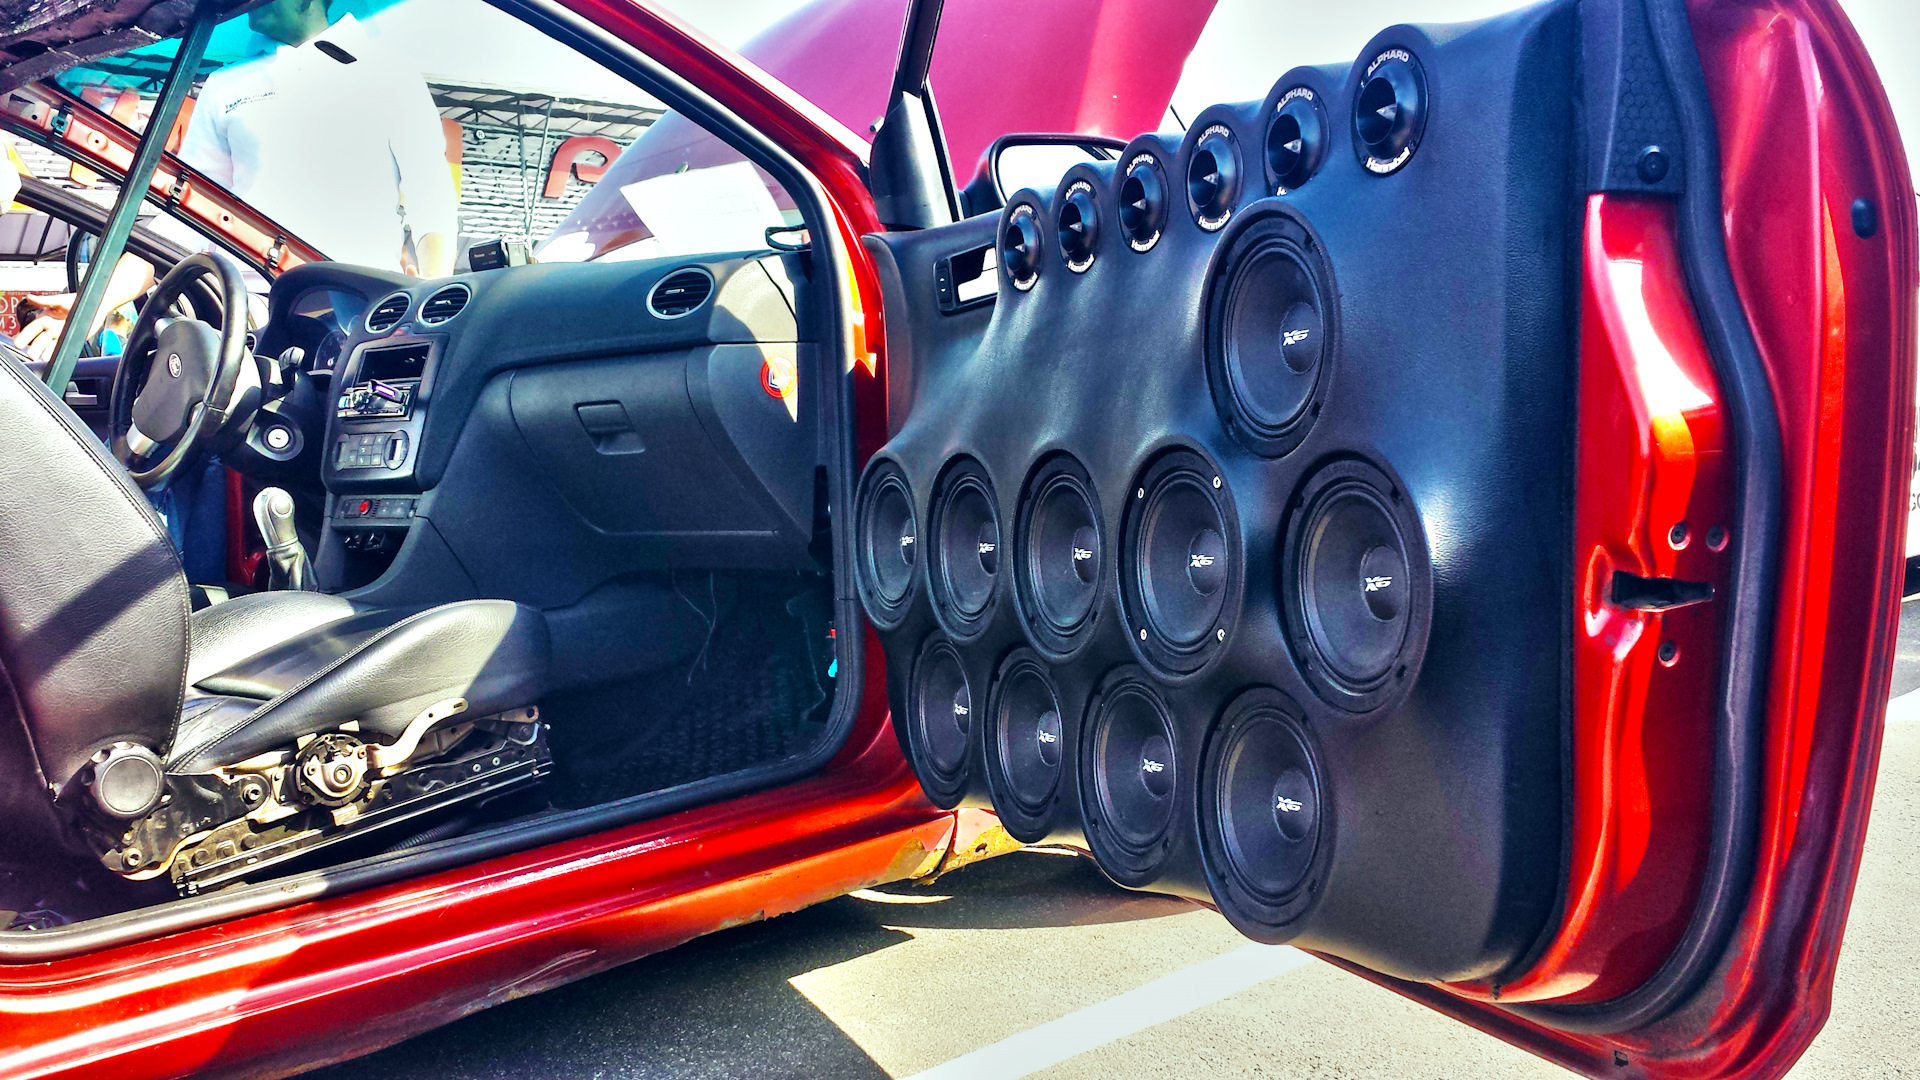 Обзор музыки для квадроцикла: покупаем аудиосистему или делаем колонки сами